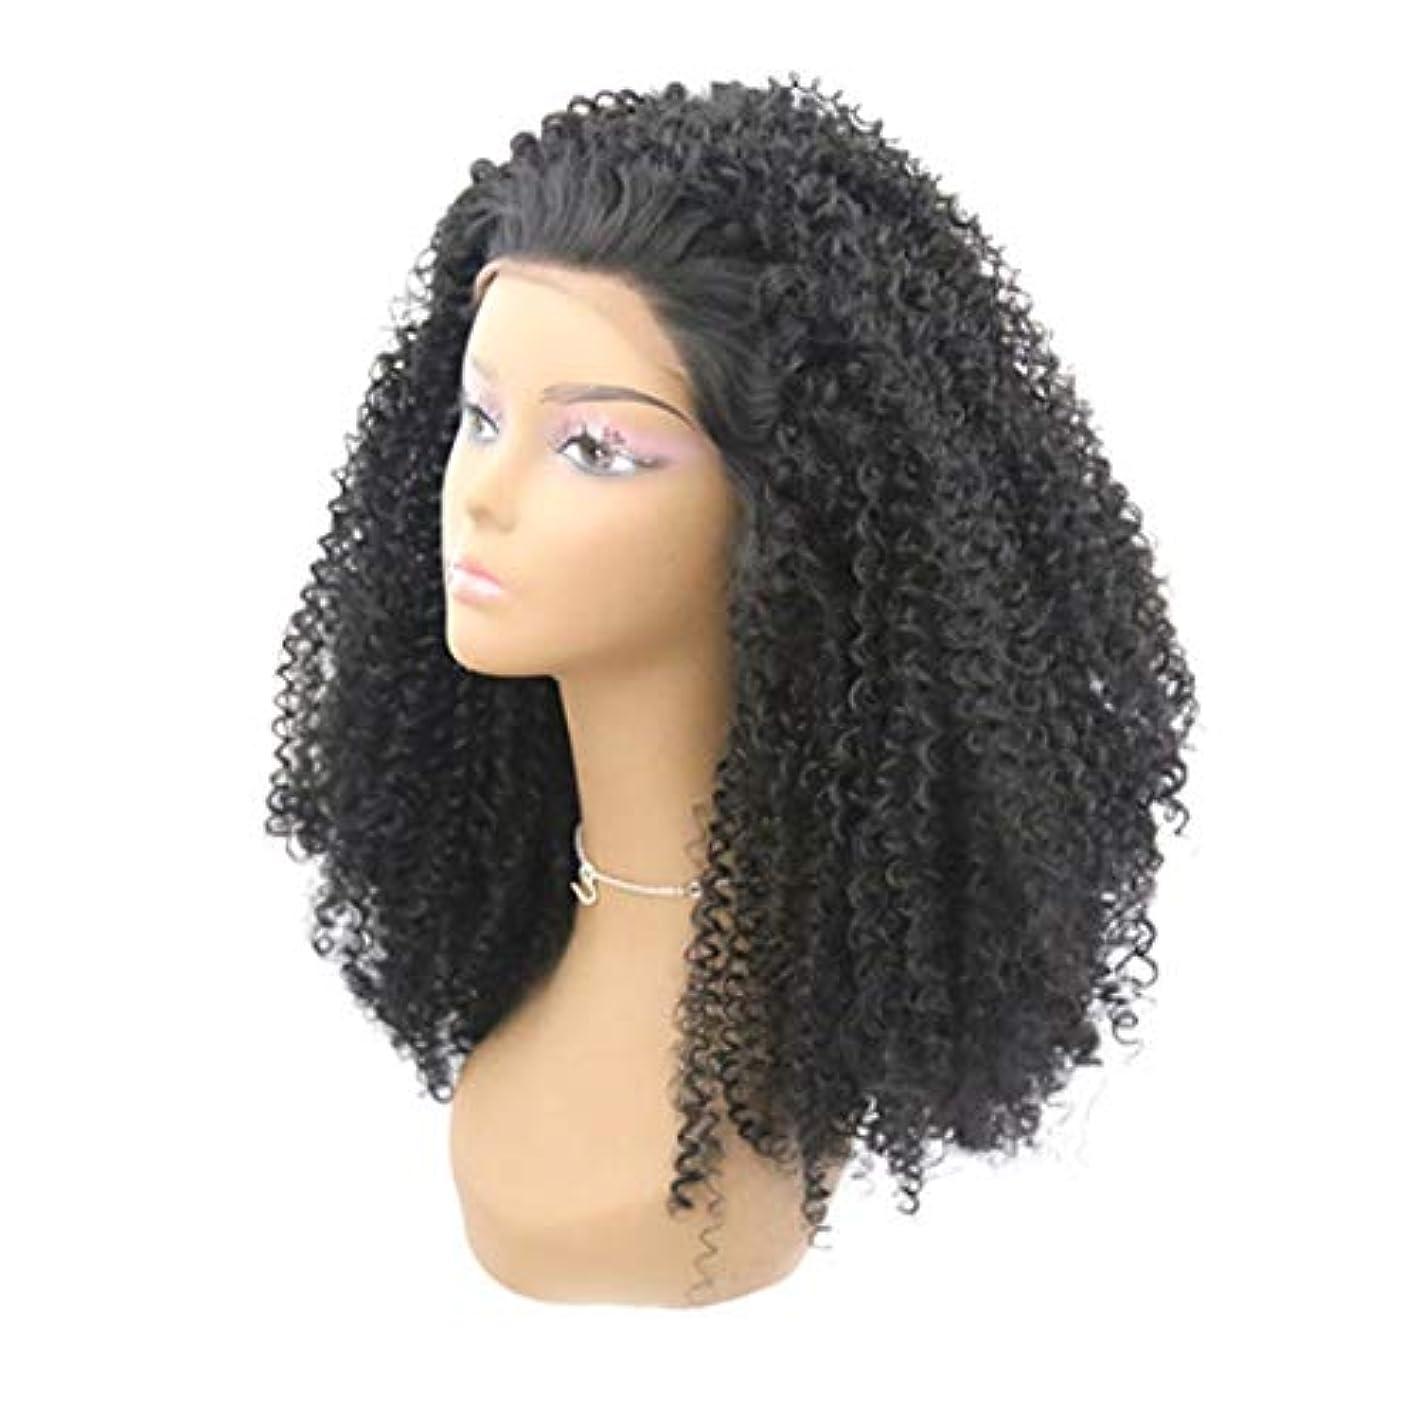 文庫本パシフィックエラーKerwinner 合成かつらレースフロントかつら赤ん坊の毛髪自然な生え際耐熱ファイバーレースかつらで長い緩い巻き毛かつら女性のための自然な黒のかつら (Size : 18inch)